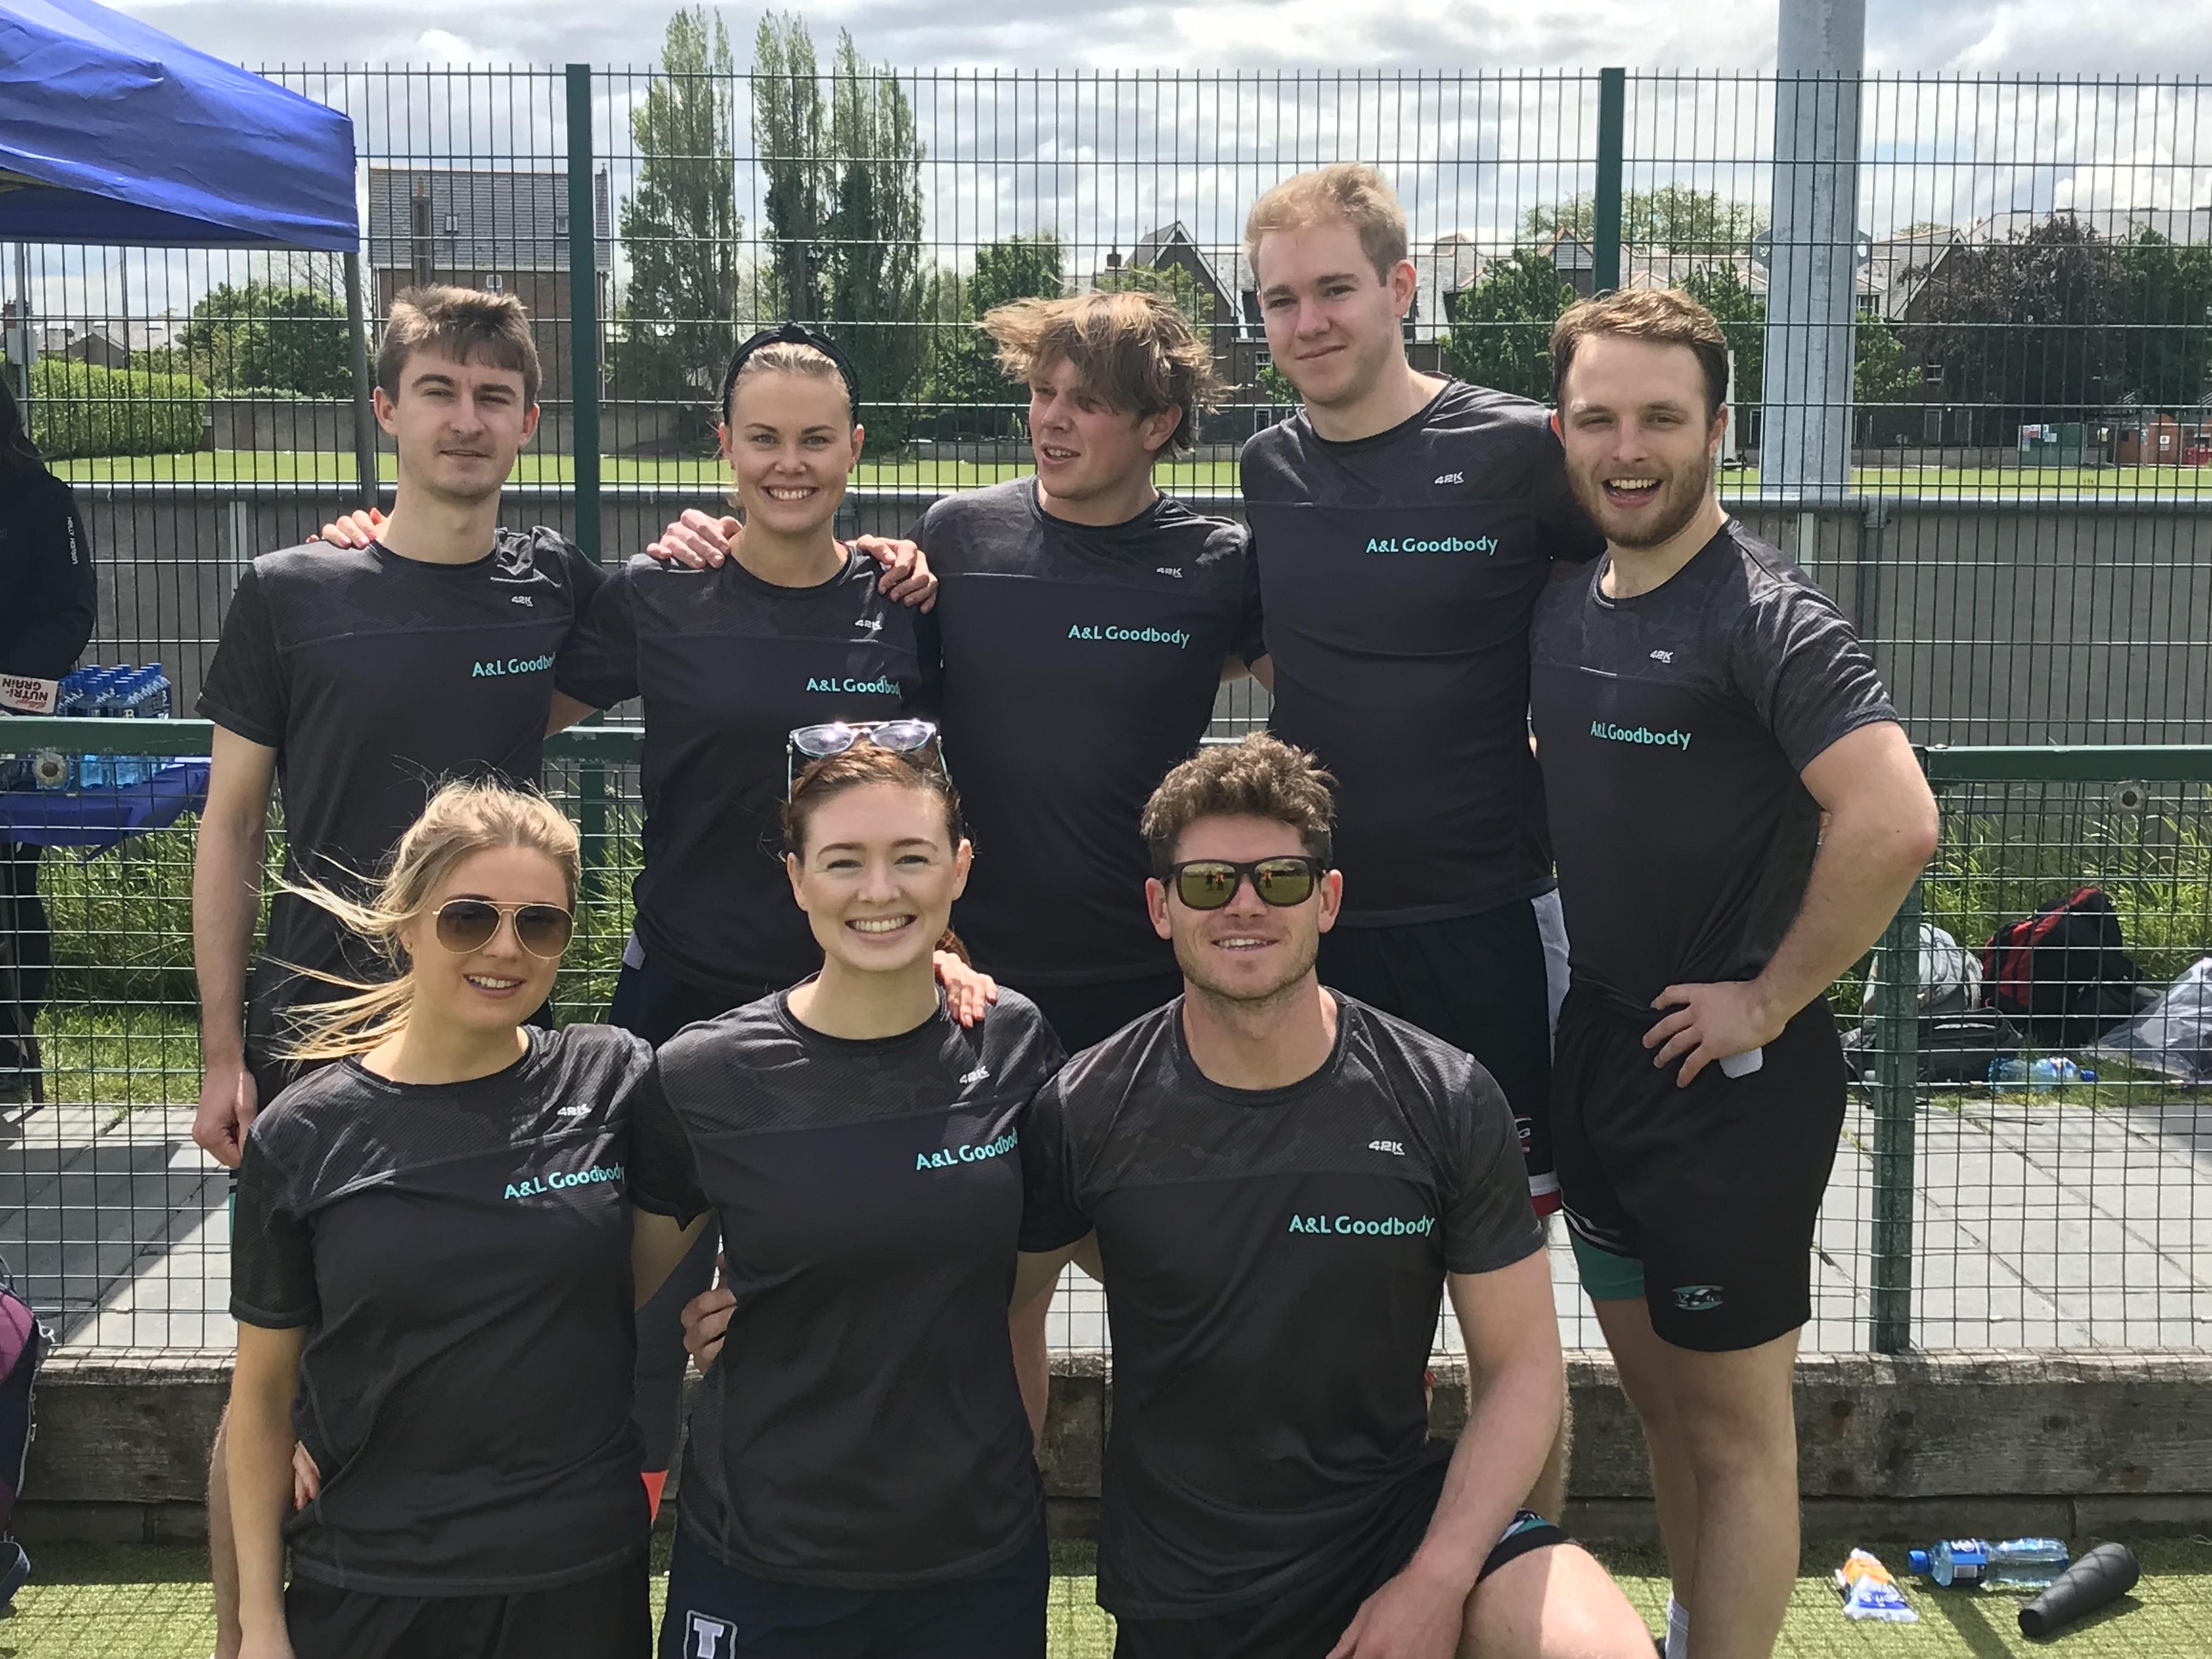 Tag Rugby Team from AL Goodbody